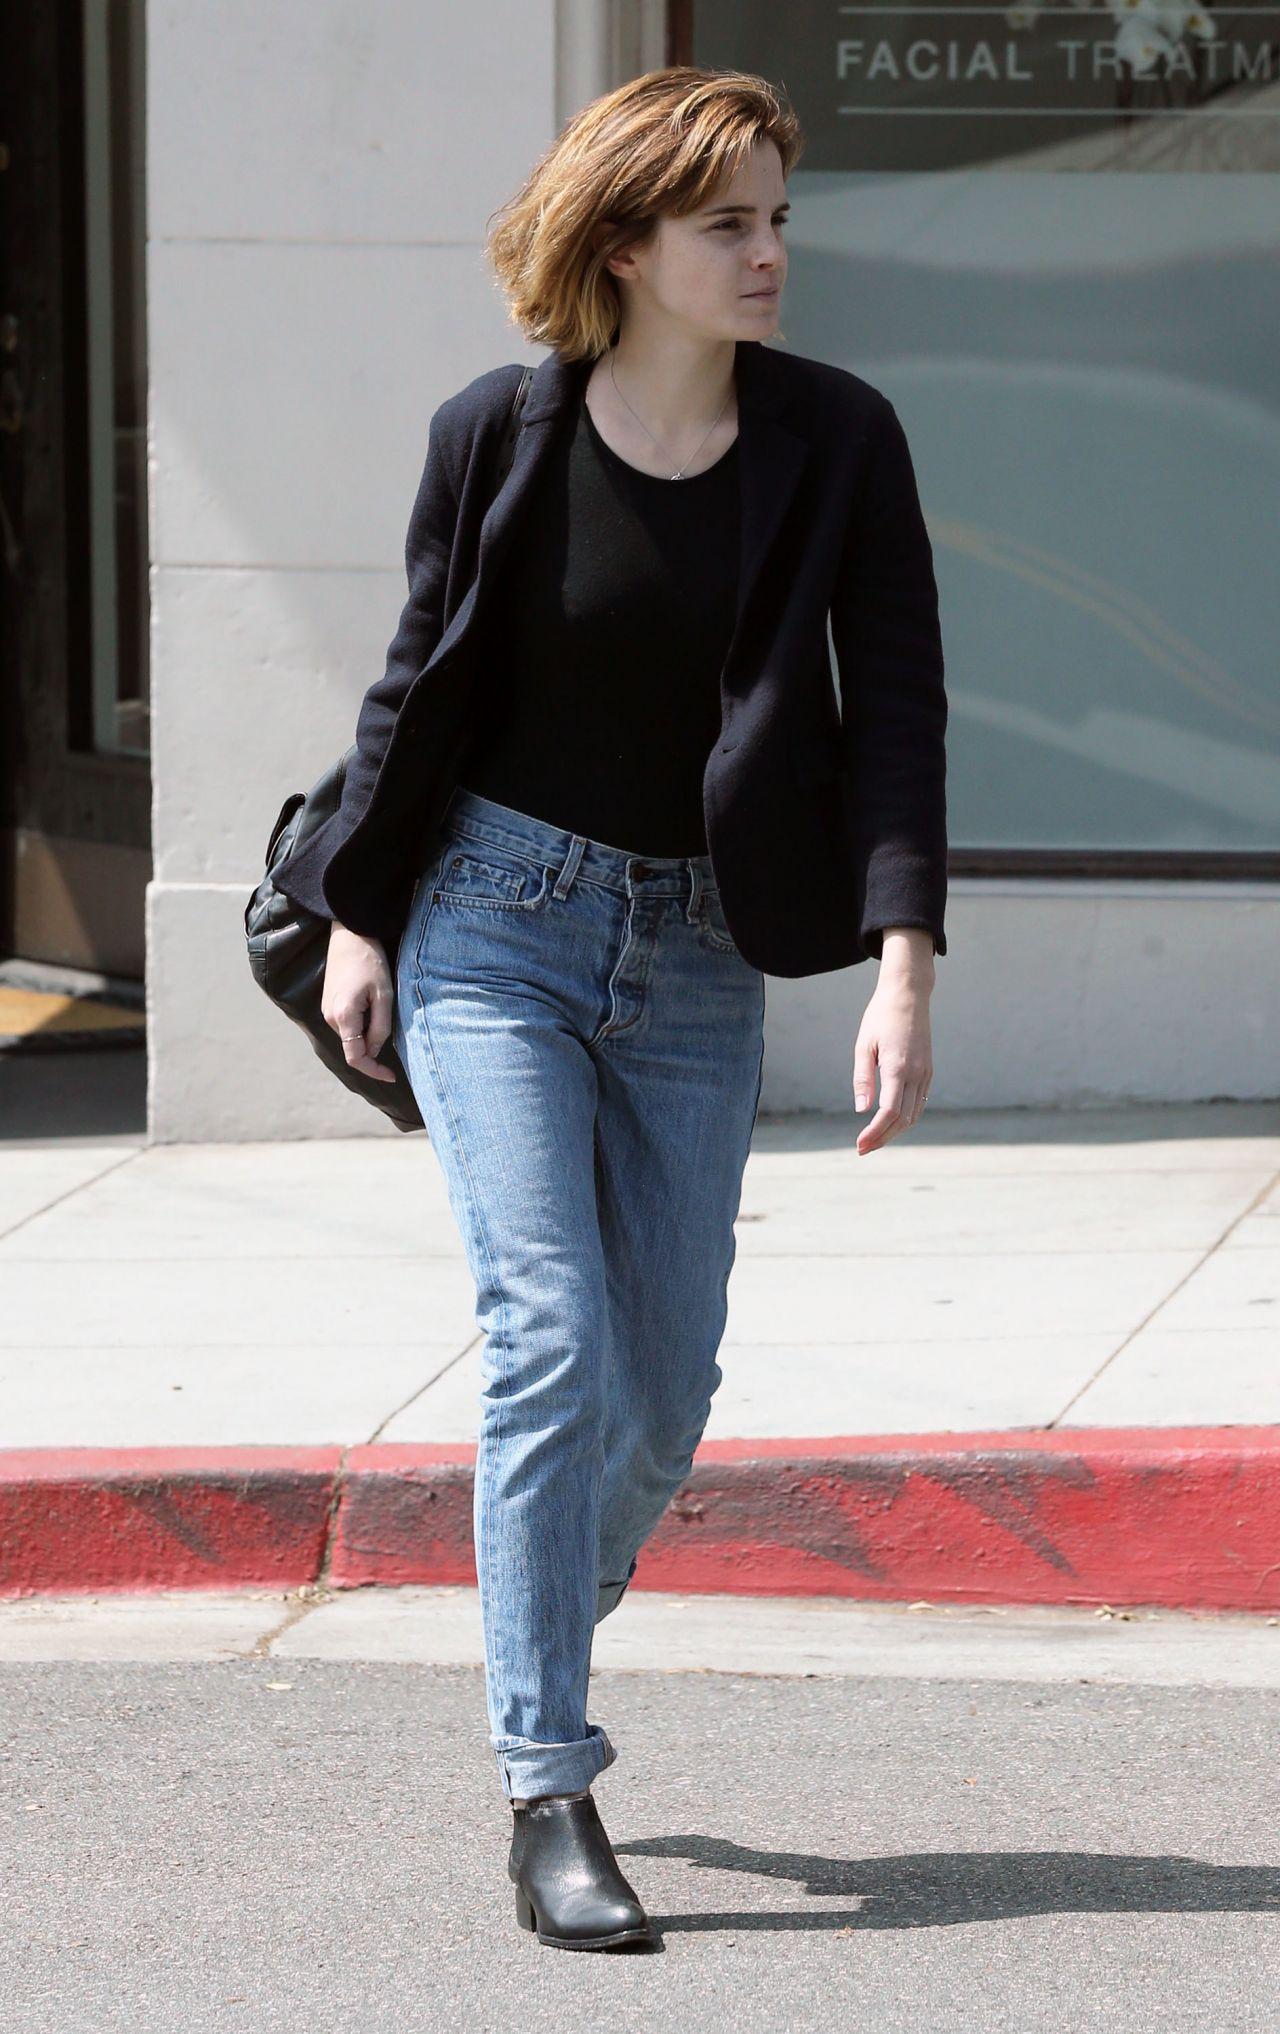 Emma Watson In Jeans Leaving Beauty Salon In Hollywood 4